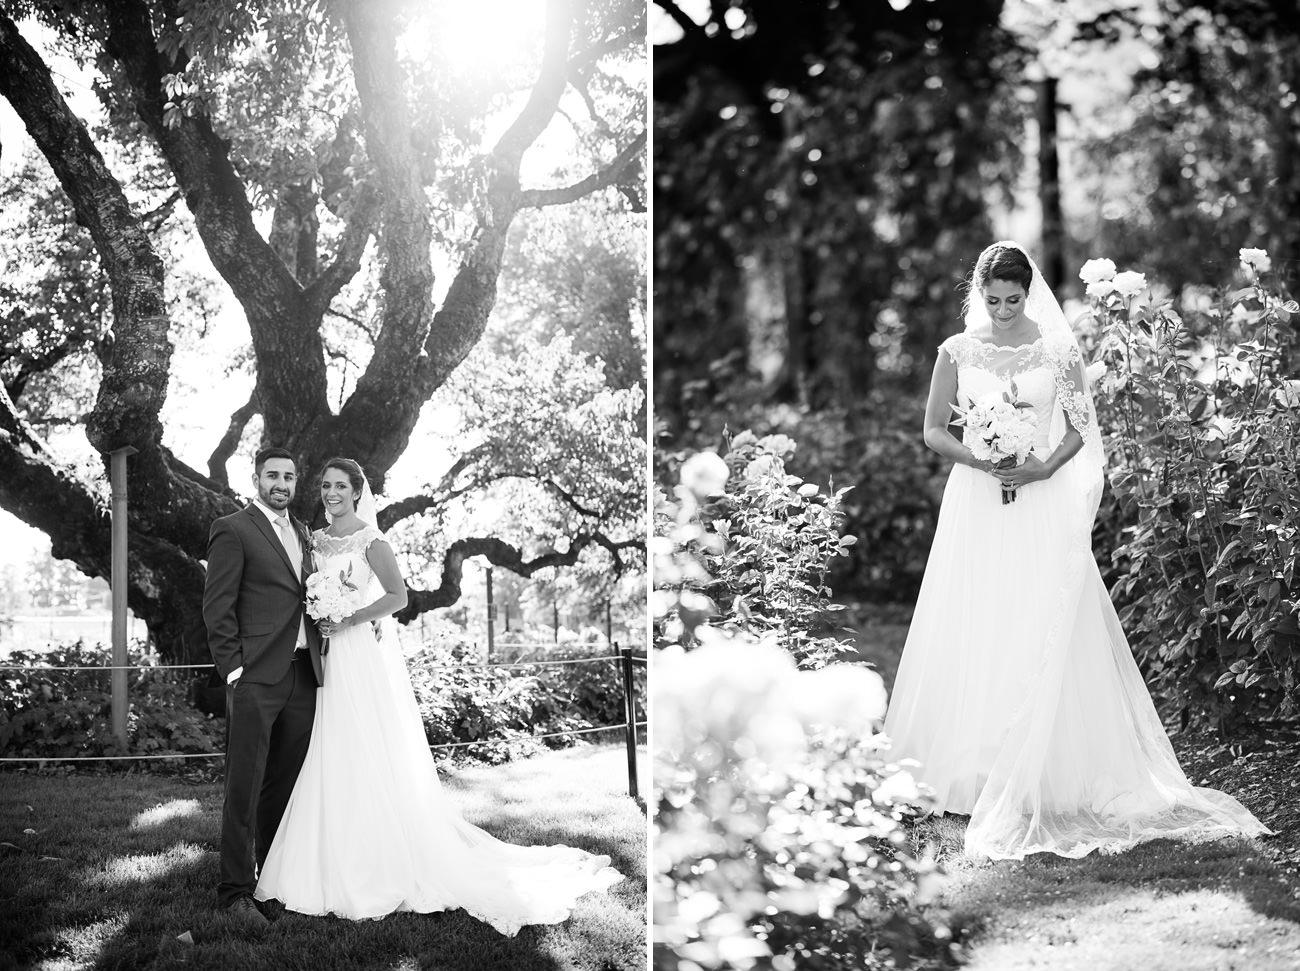 st-marys-catholic-wedding-41 St Marys Catholic Wedding   Eugene Oregon Photographer   Ariana & Chavo